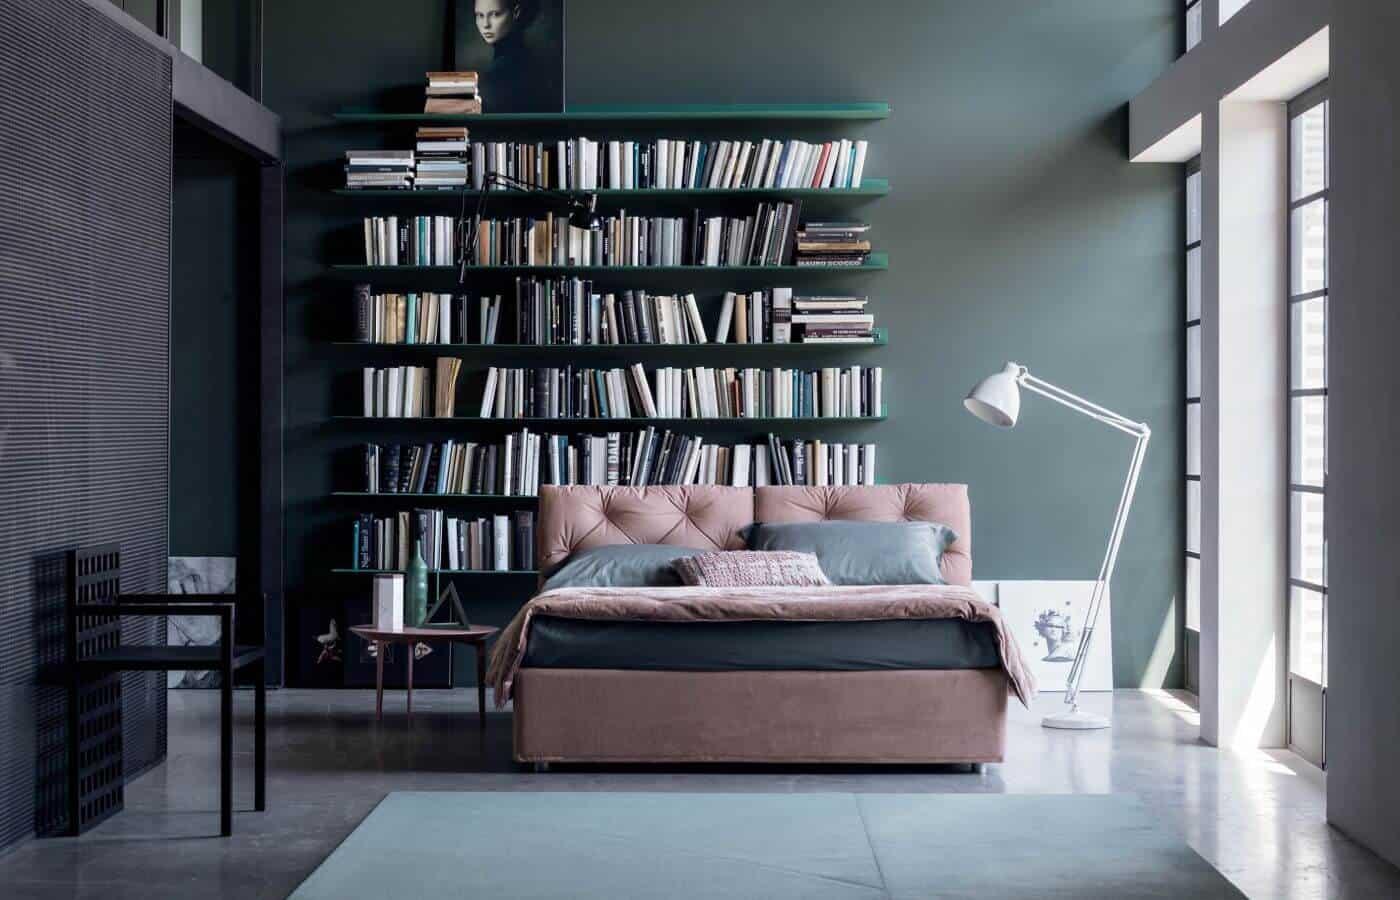 zona-notte-letto-contenitore-collezione-flock-il-mobile (2)